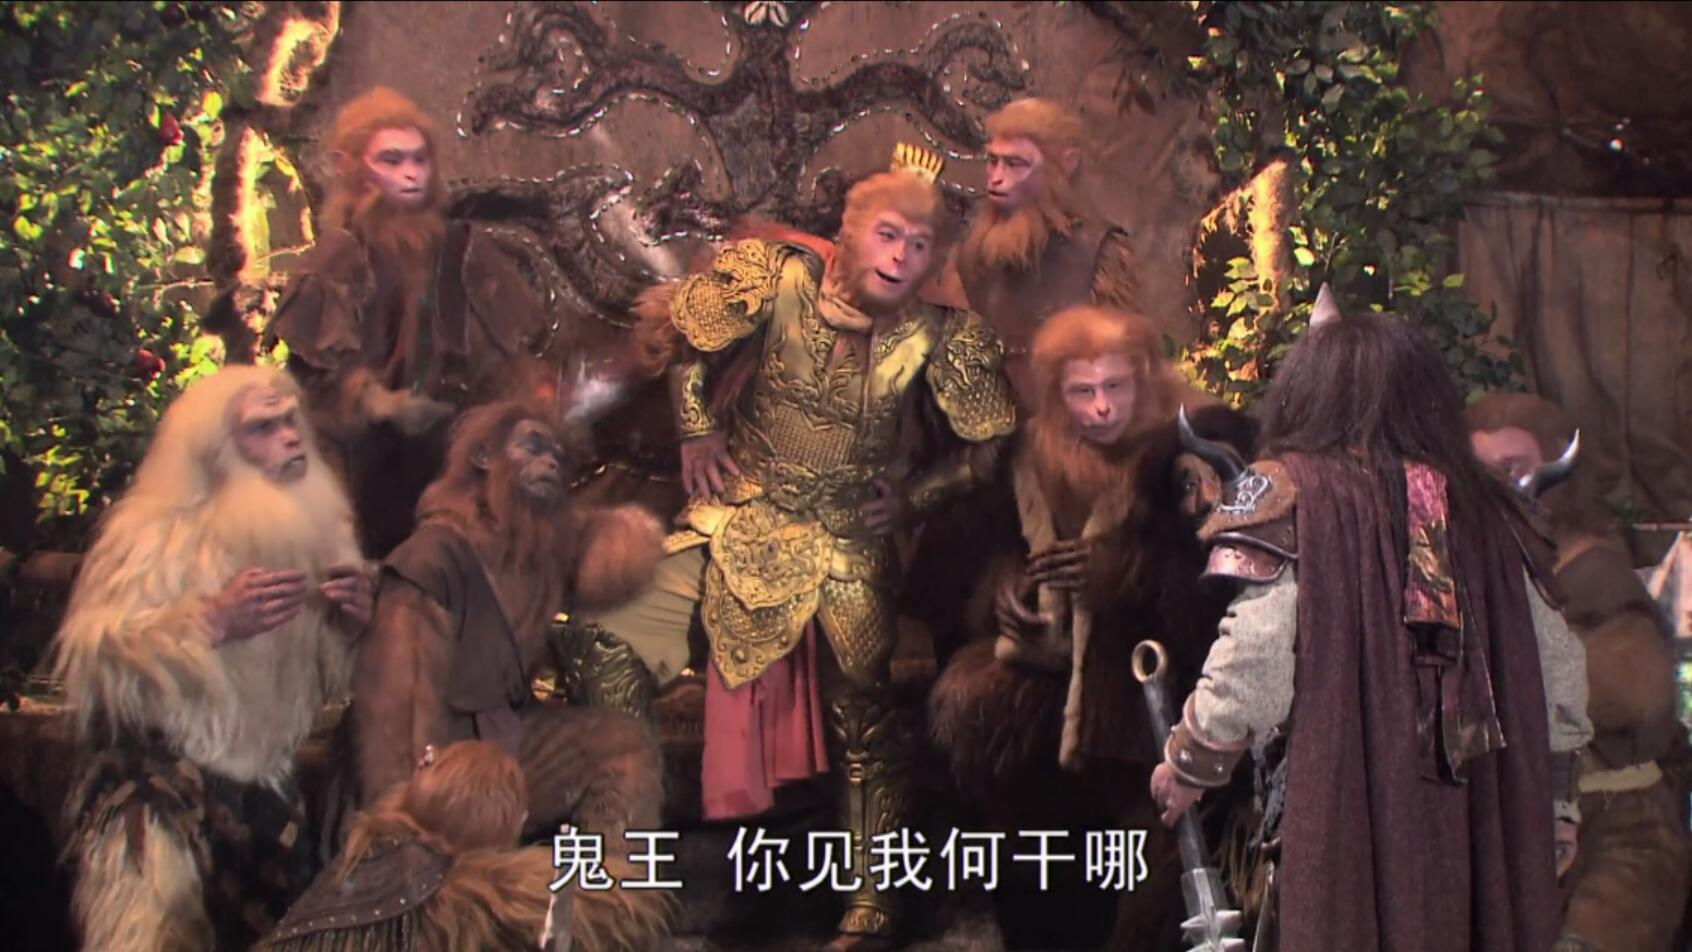 《跳槽后第一步怎么做?《西游记》里的独角鬼王给我们上了一课!》